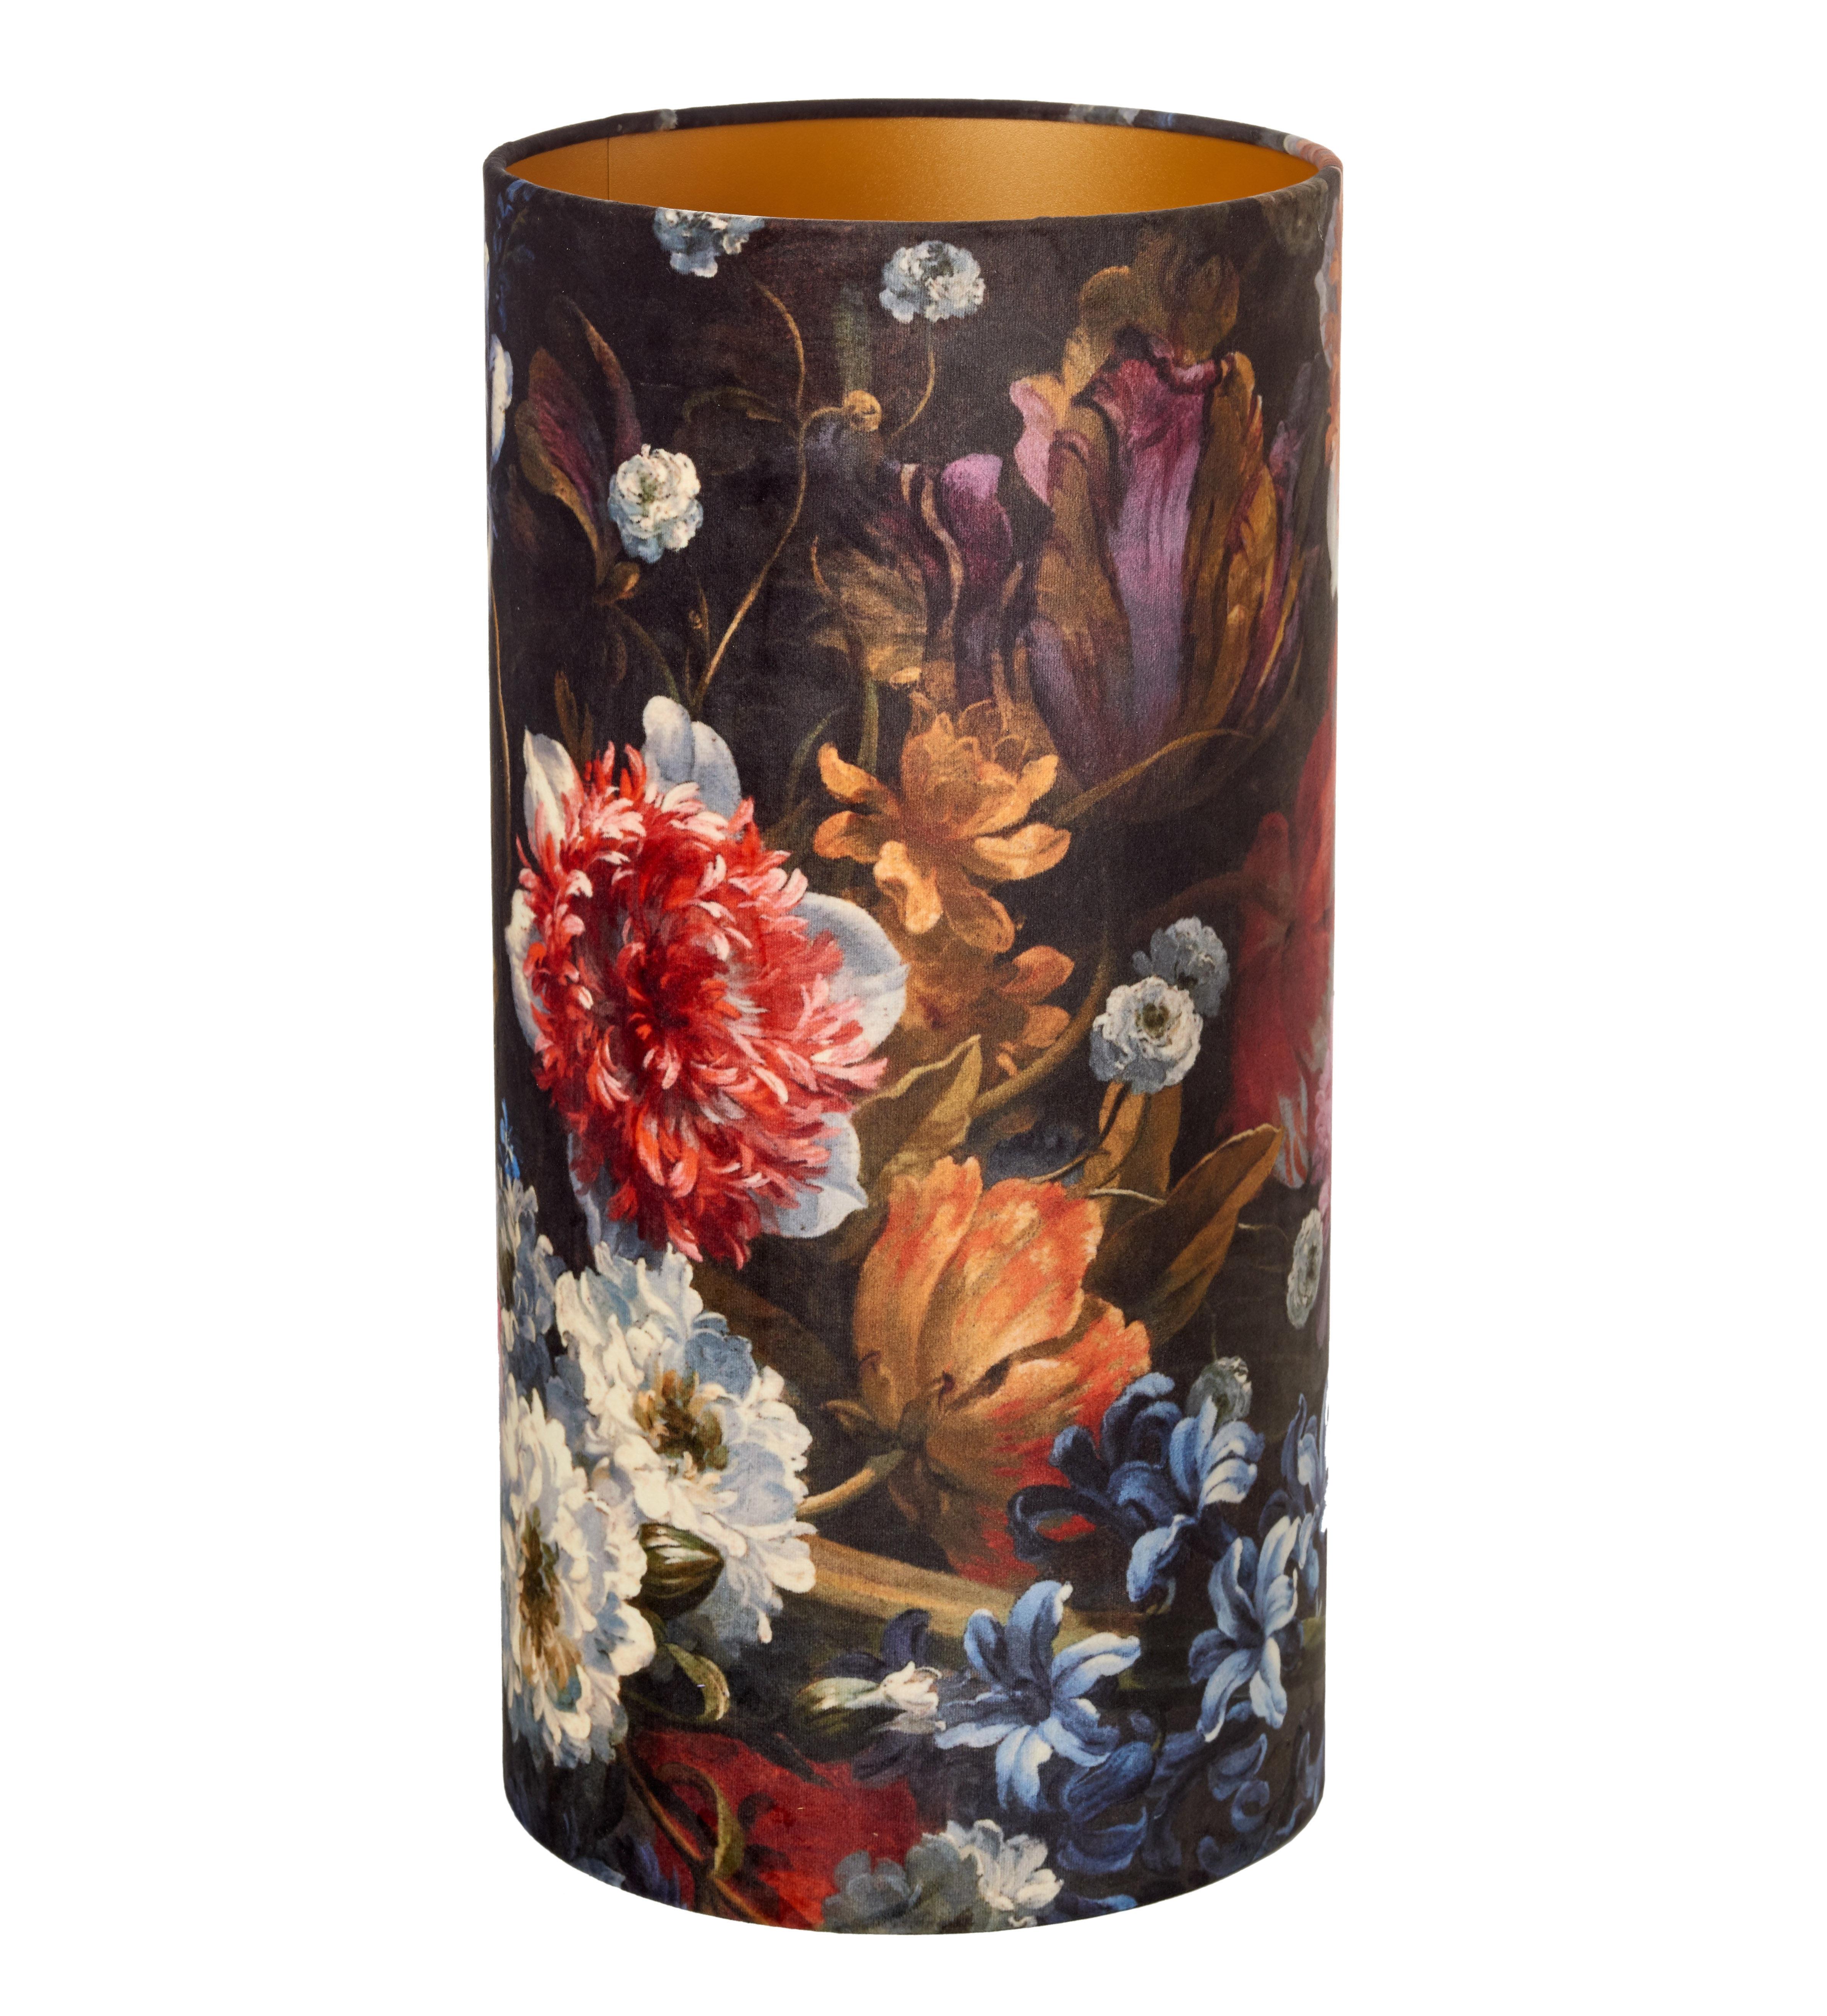 Luminaire - Lampes de table - Abat-jour Ball / Ø 25 x H 50 cm - Pols Potten - Abat-jour / Fleurs - Velours